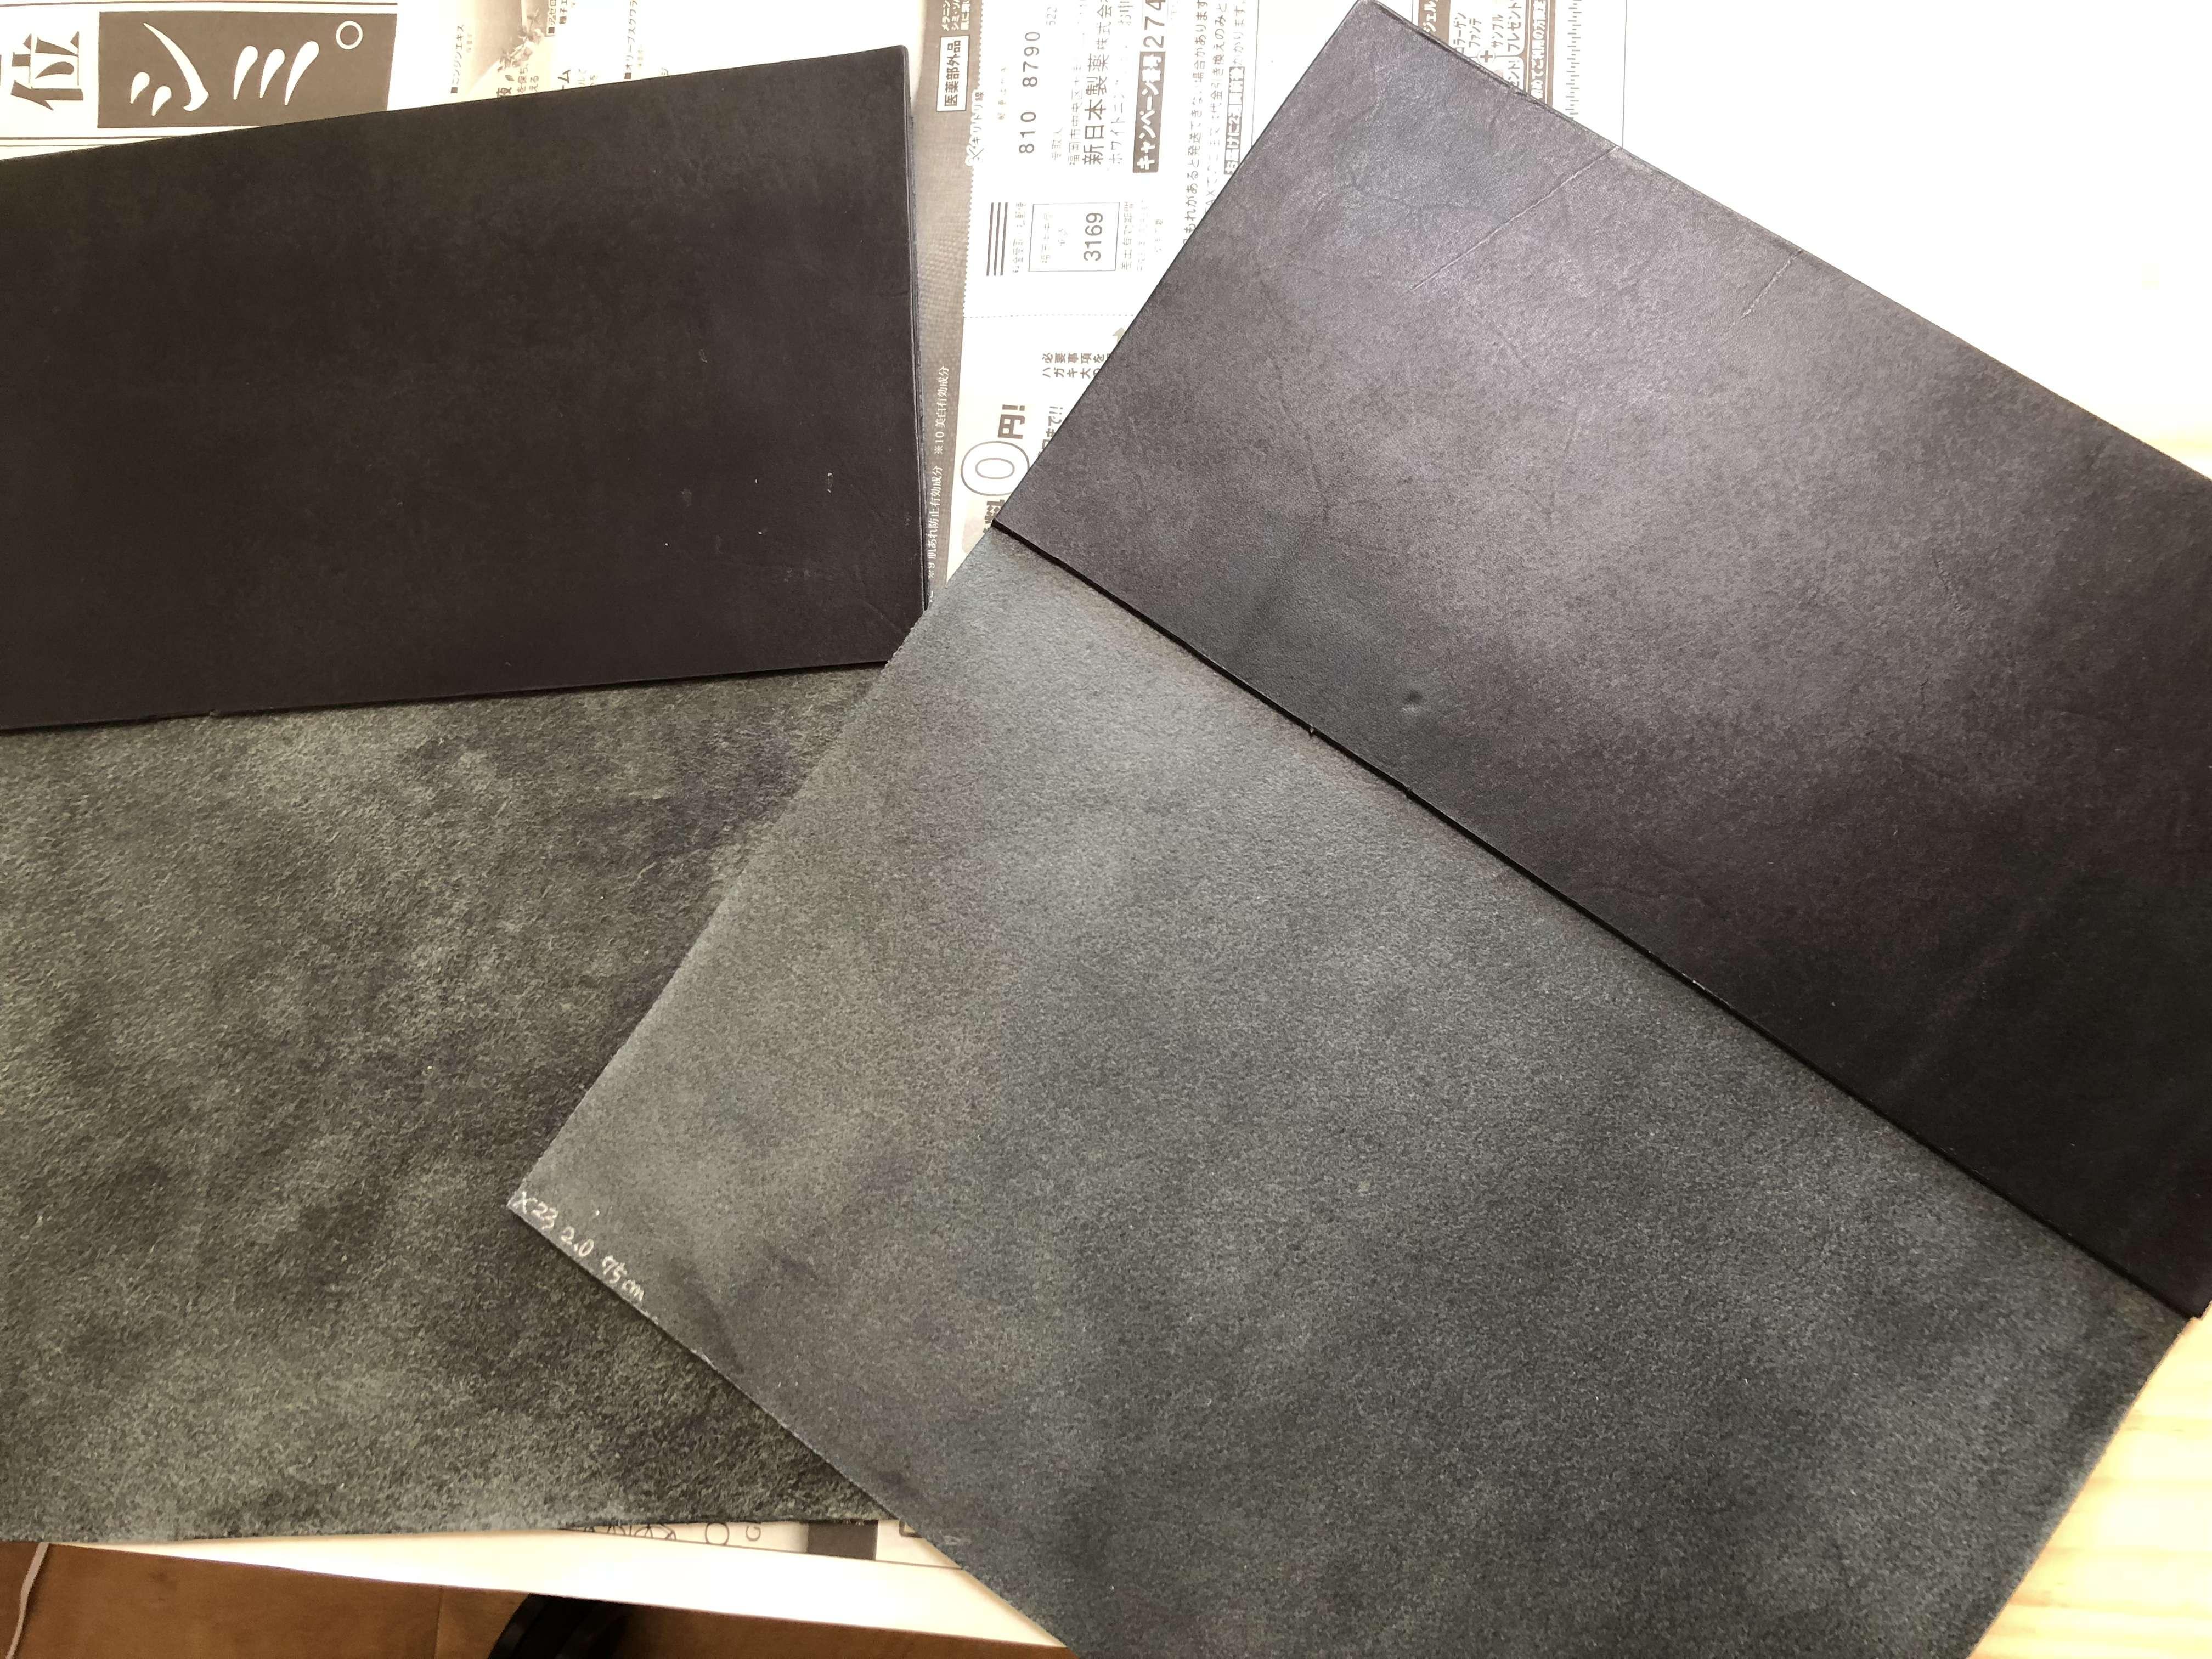 クラッチバッグ 作り方 革 レザークラフト 簡単